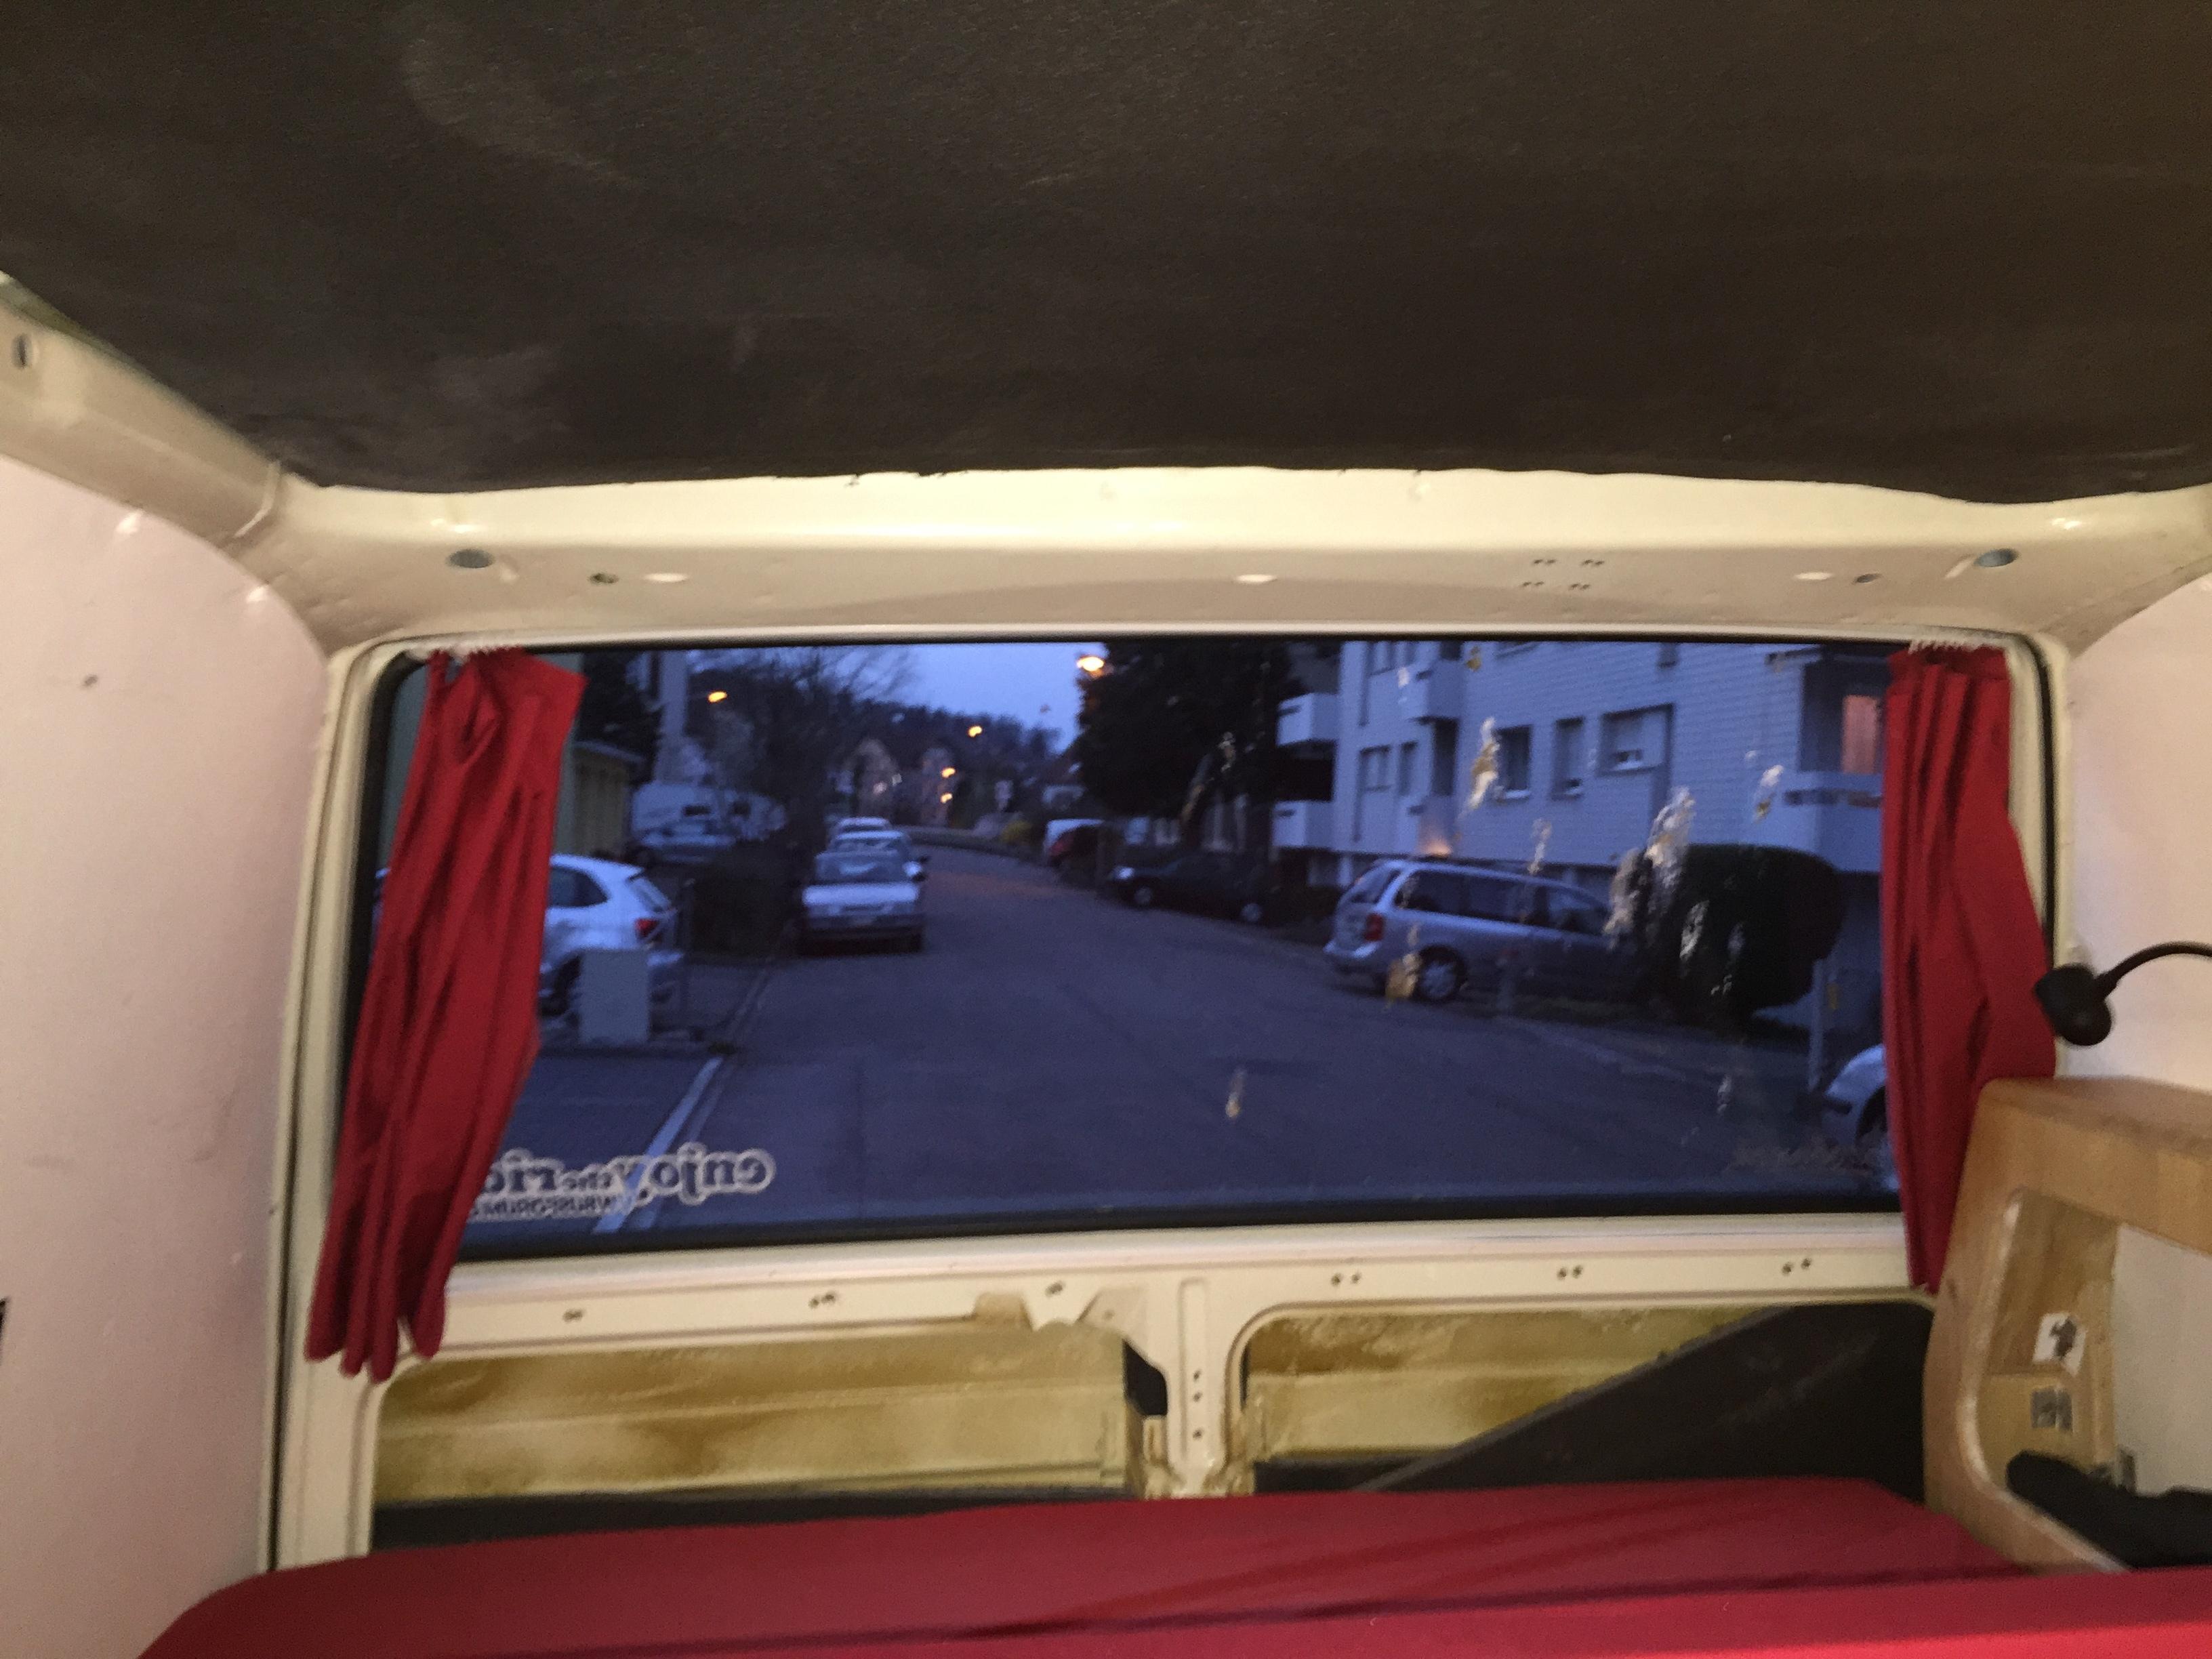 vw bus vorh nge zuhause image idee. Black Bedroom Furniture Sets. Home Design Ideas